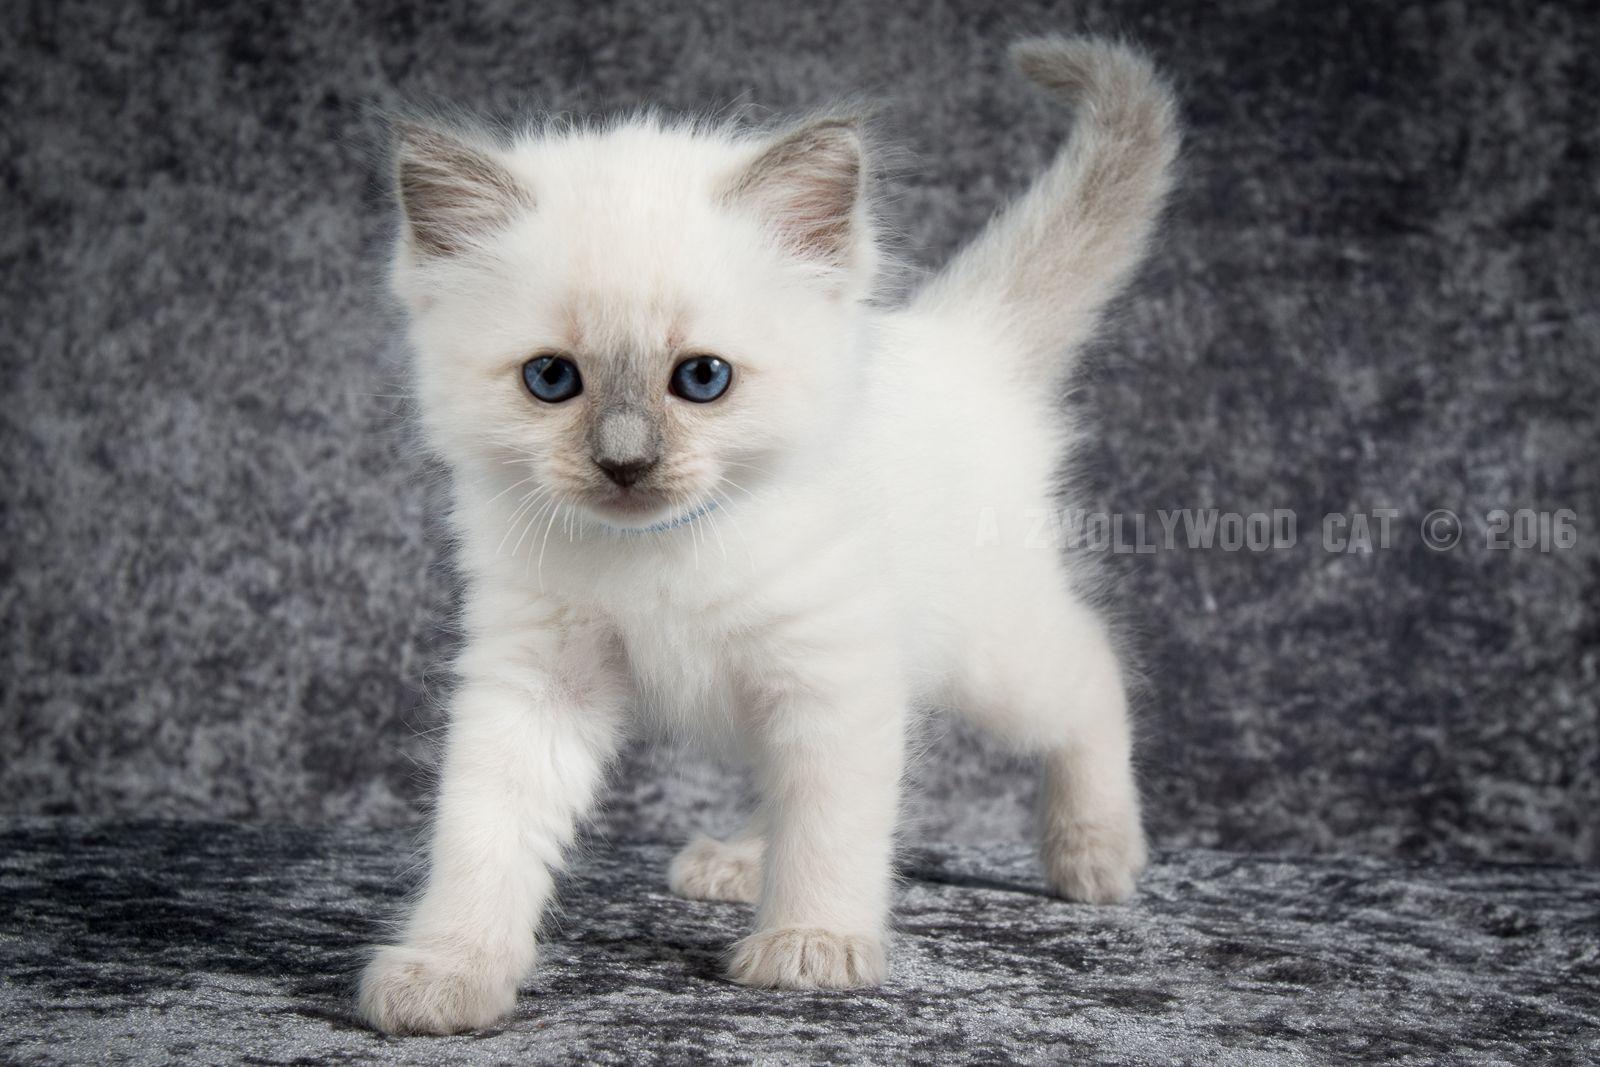 2016 Varden A Zwollywood Cat 6 Weeks Old Ragdoll Kitten Blue